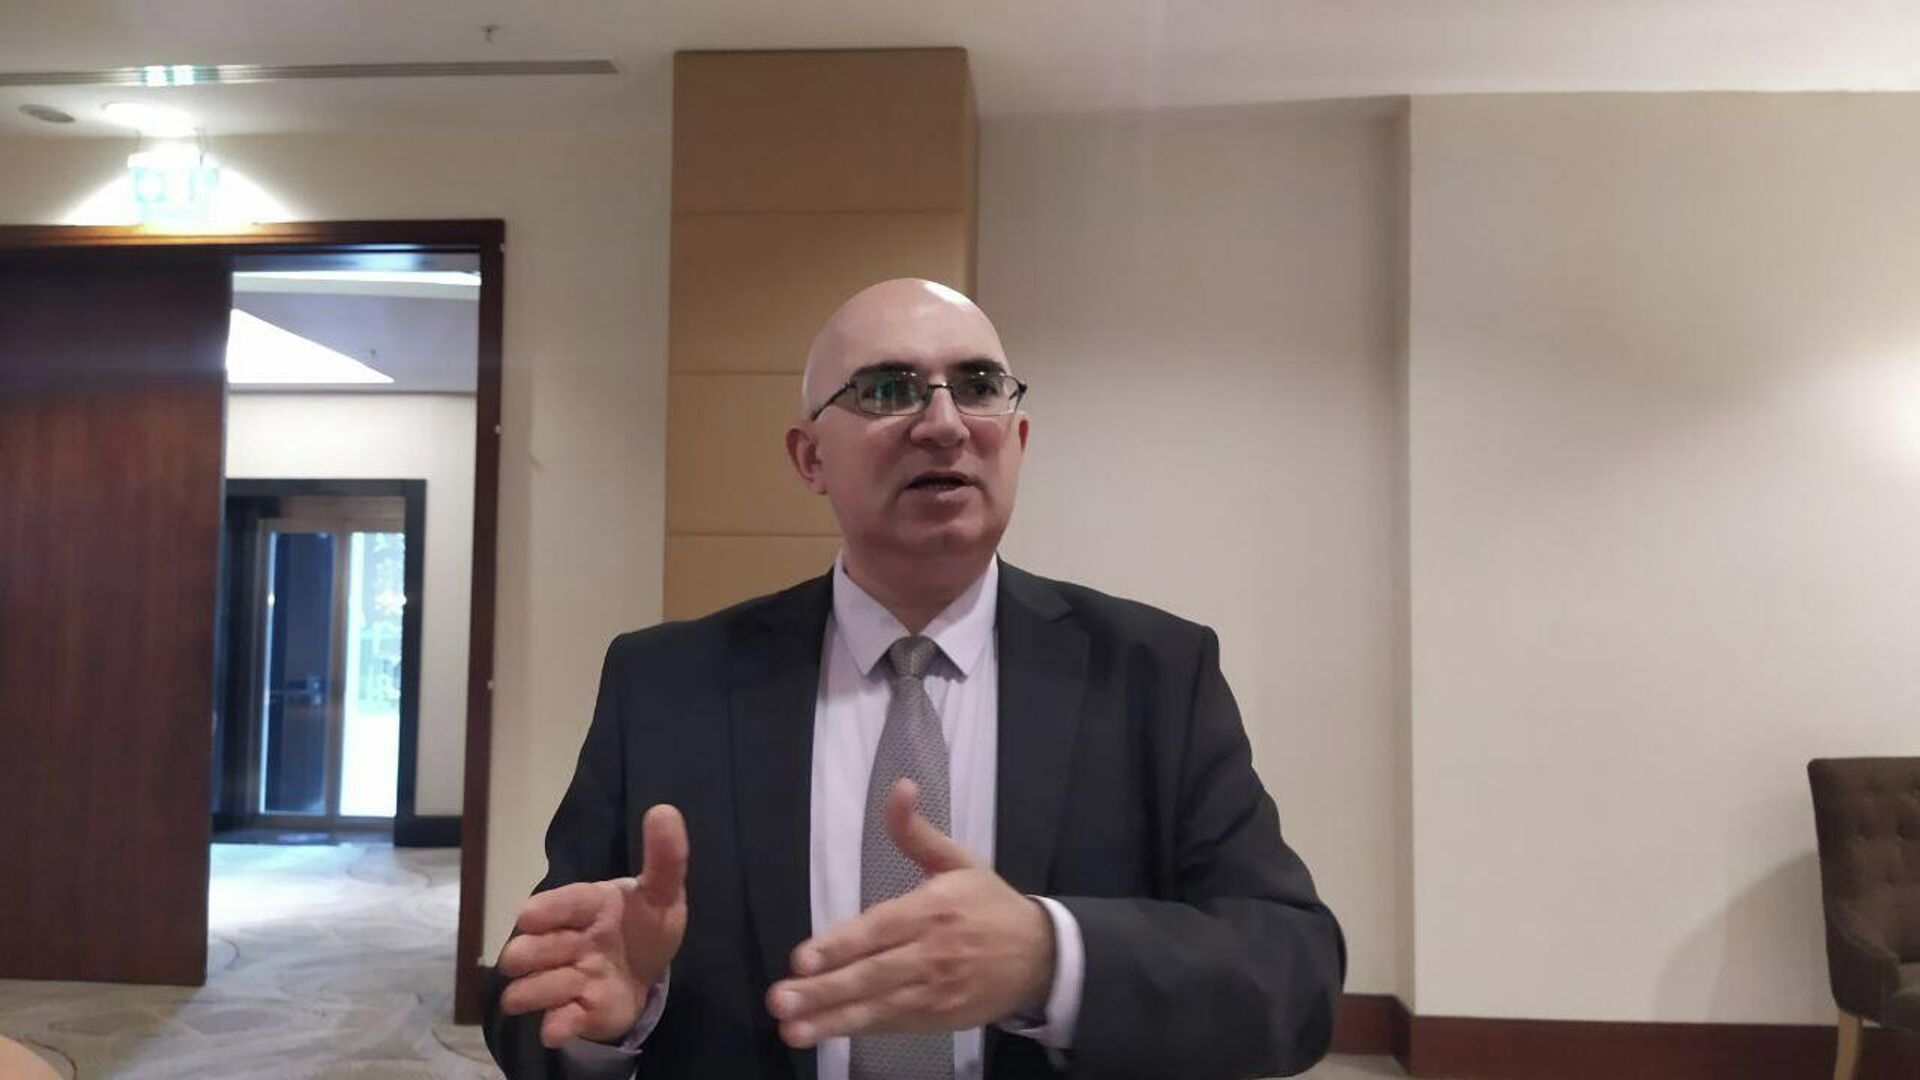 Глава азербайджанского представительства Фонда ООН в области народонаселения Фарид Бабаев - Sputnik Азербайджан, 1920, 01.10.2021